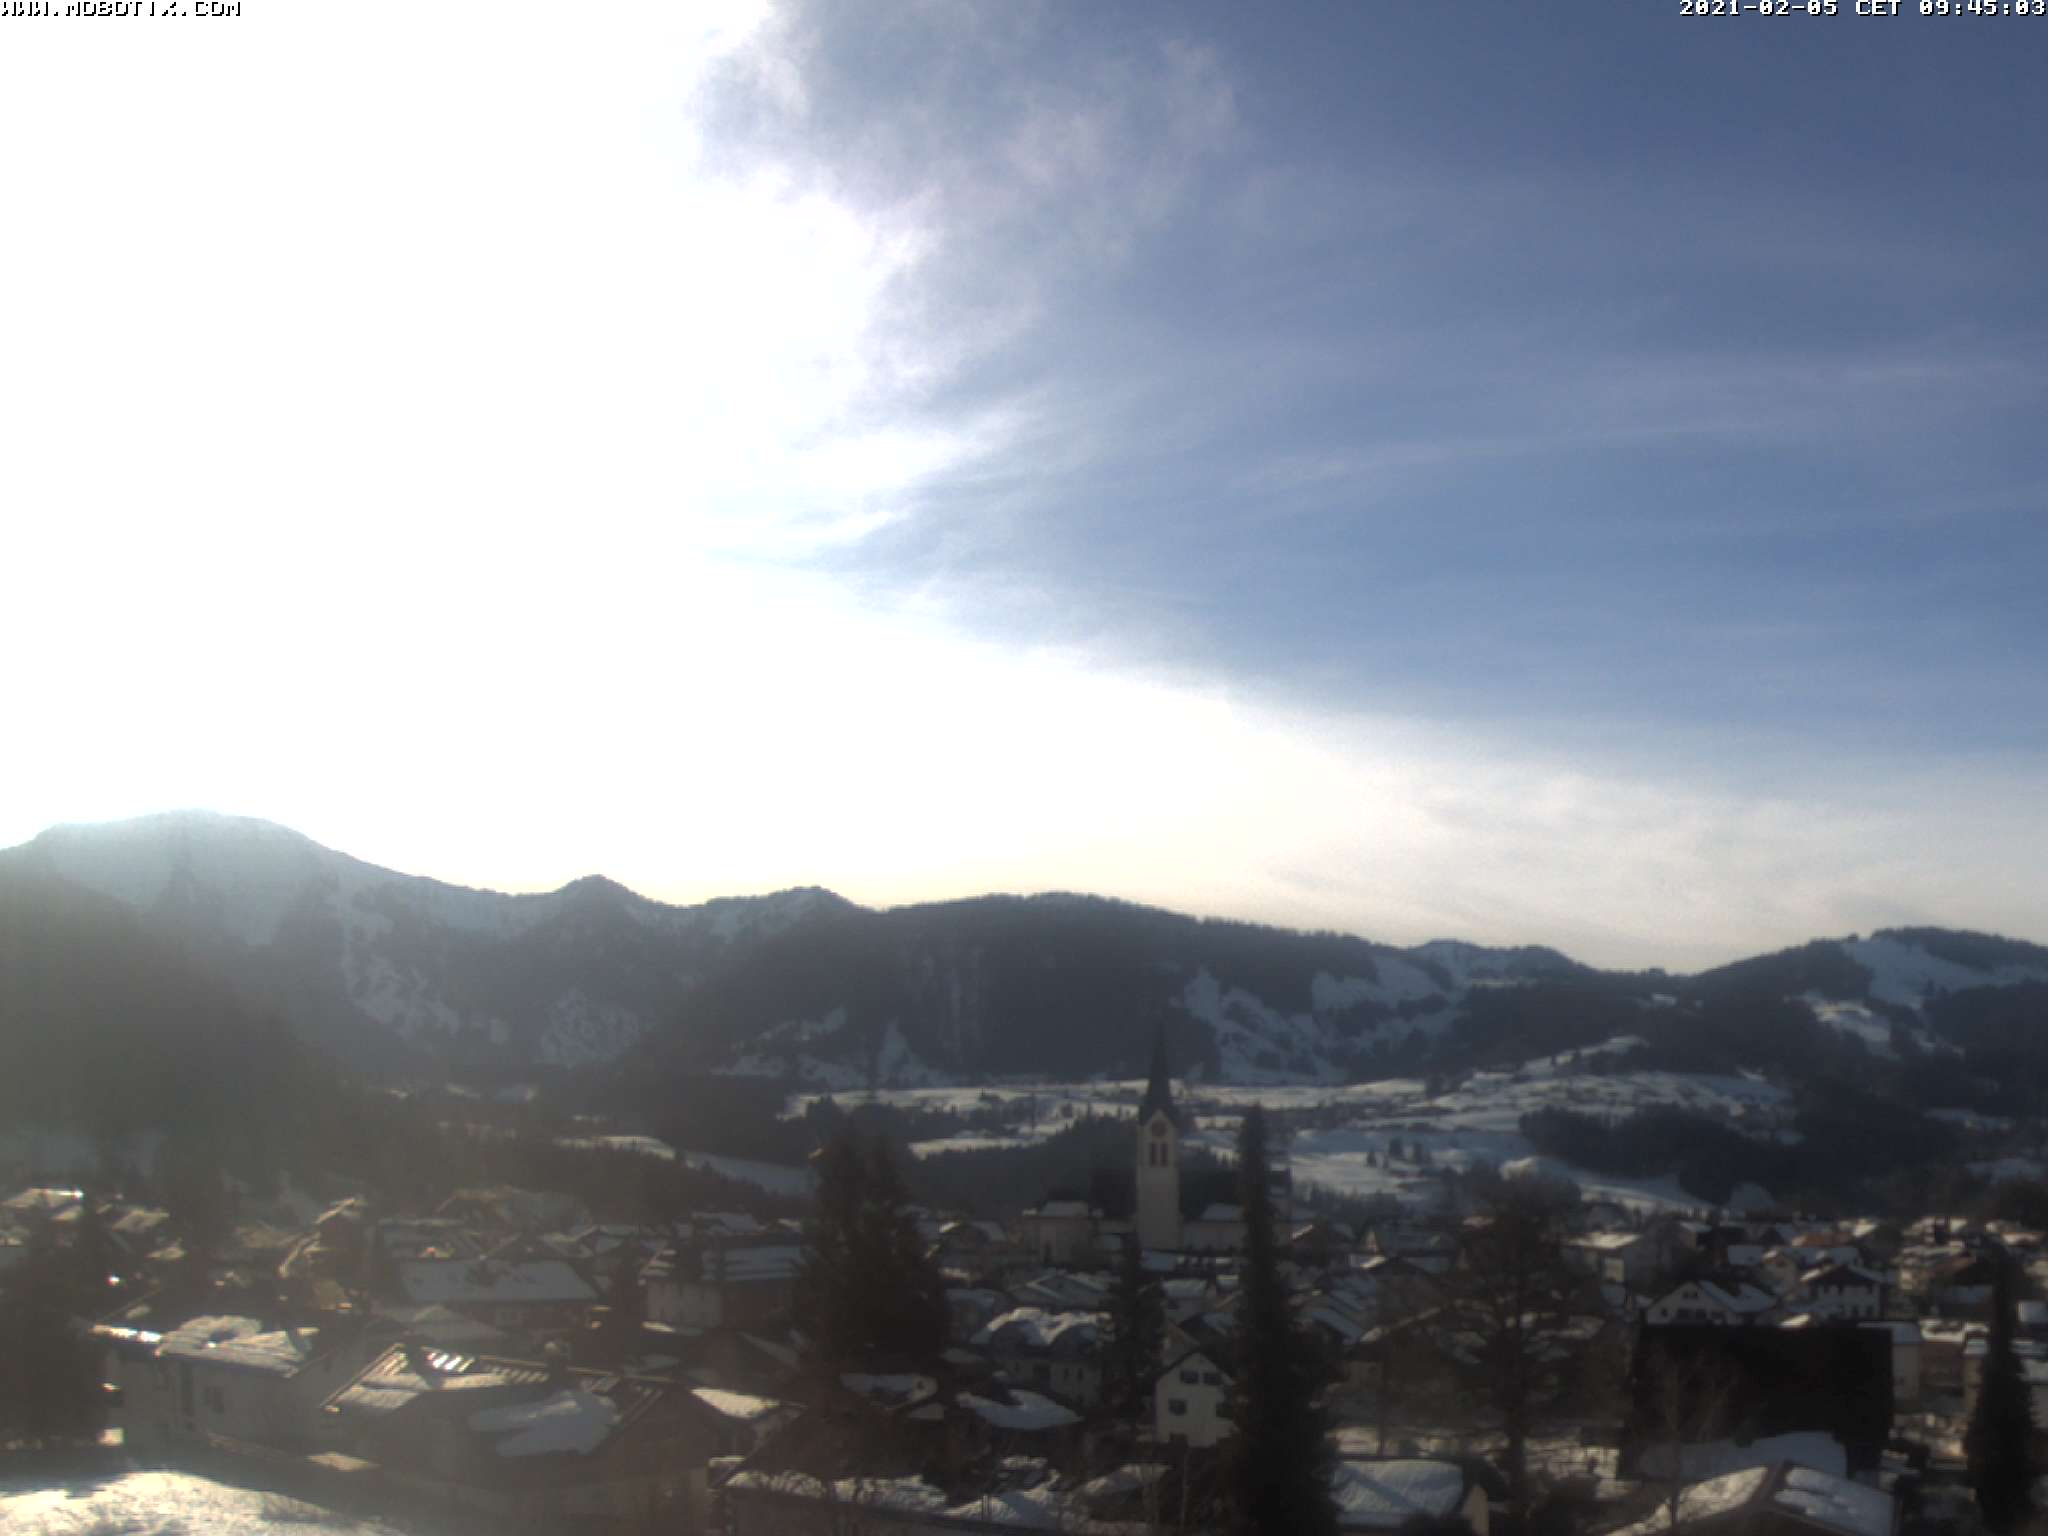 Webcam Skigebied Oberstaufen - Hochgrat cam 4 - Allgäuer Alpen